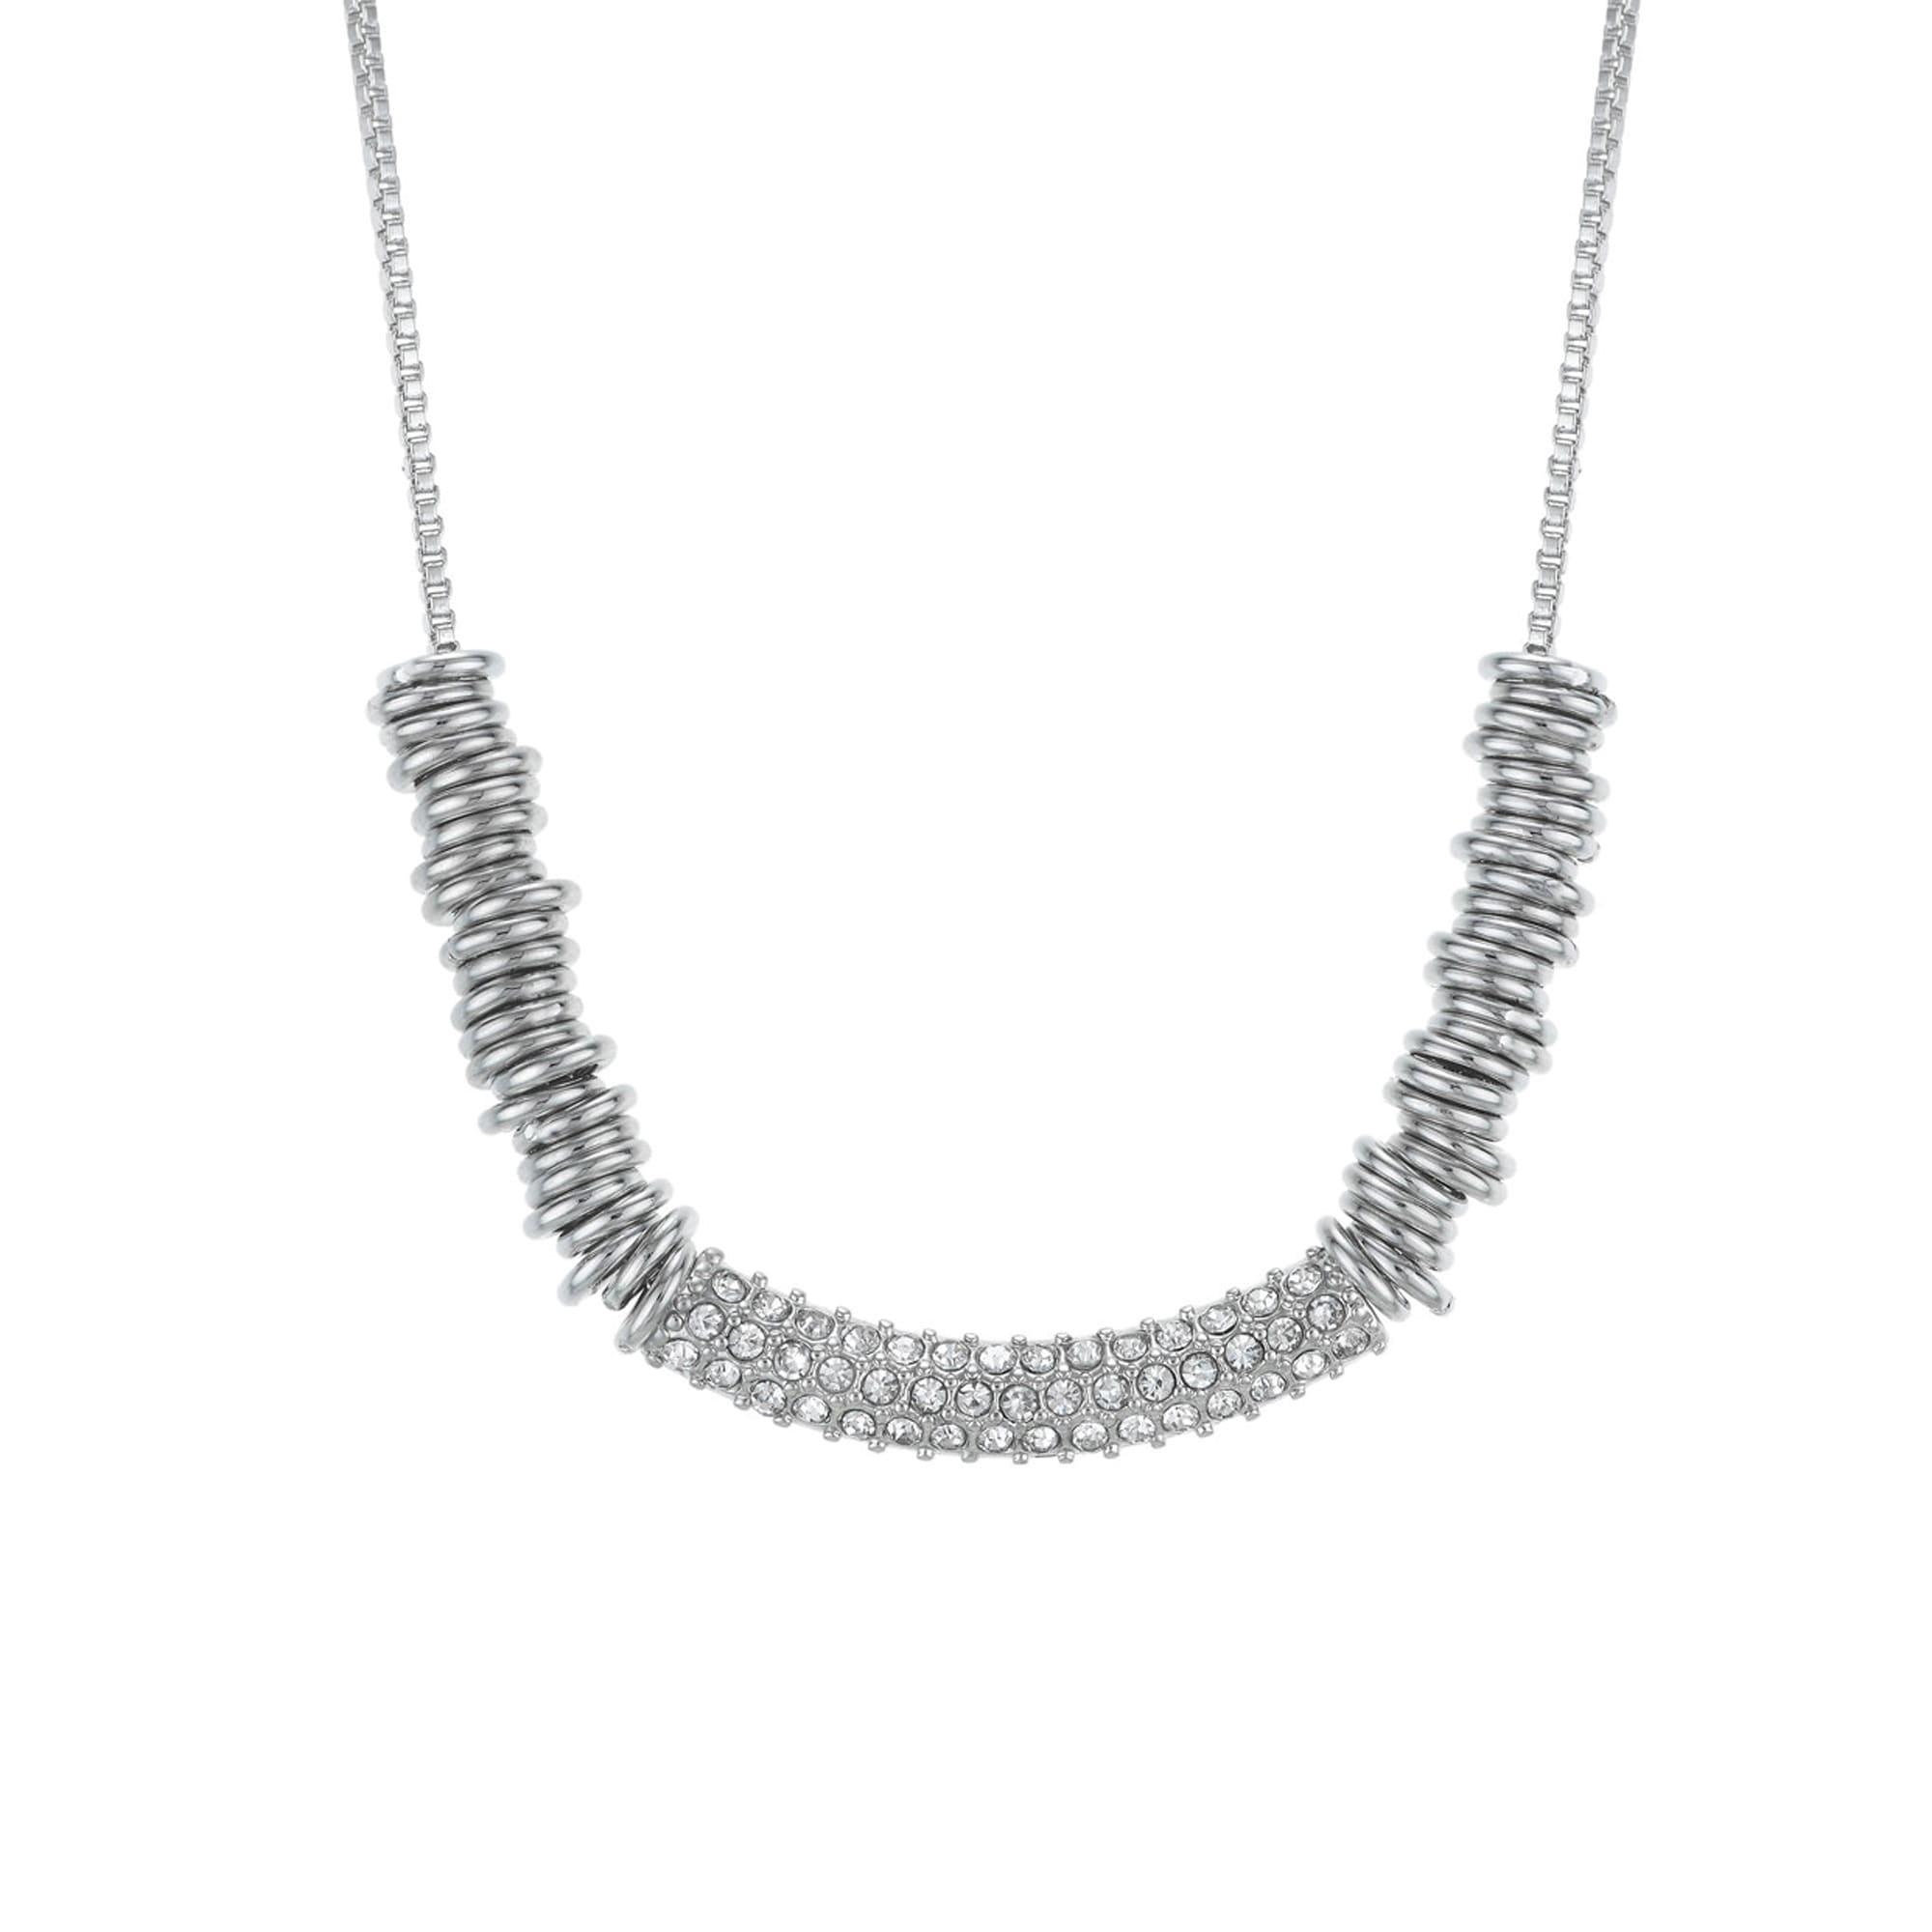 Buckley London Collier Messing rhodiniert Kristall | Schmuck > Halsketten > Colliers | Weiß | buckley london